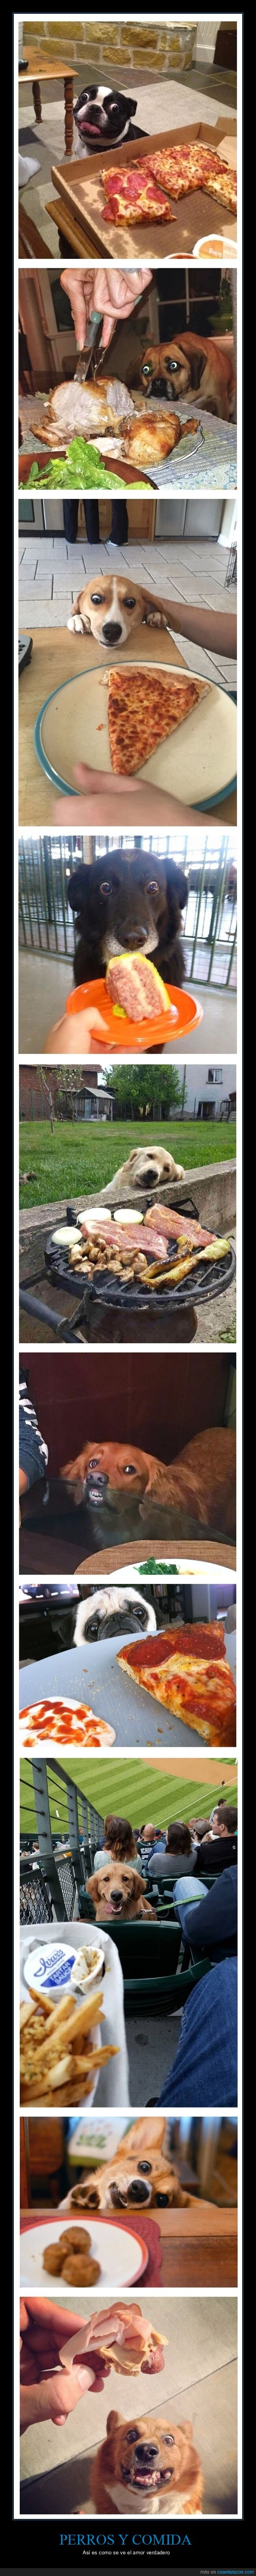 caras,comida,perros